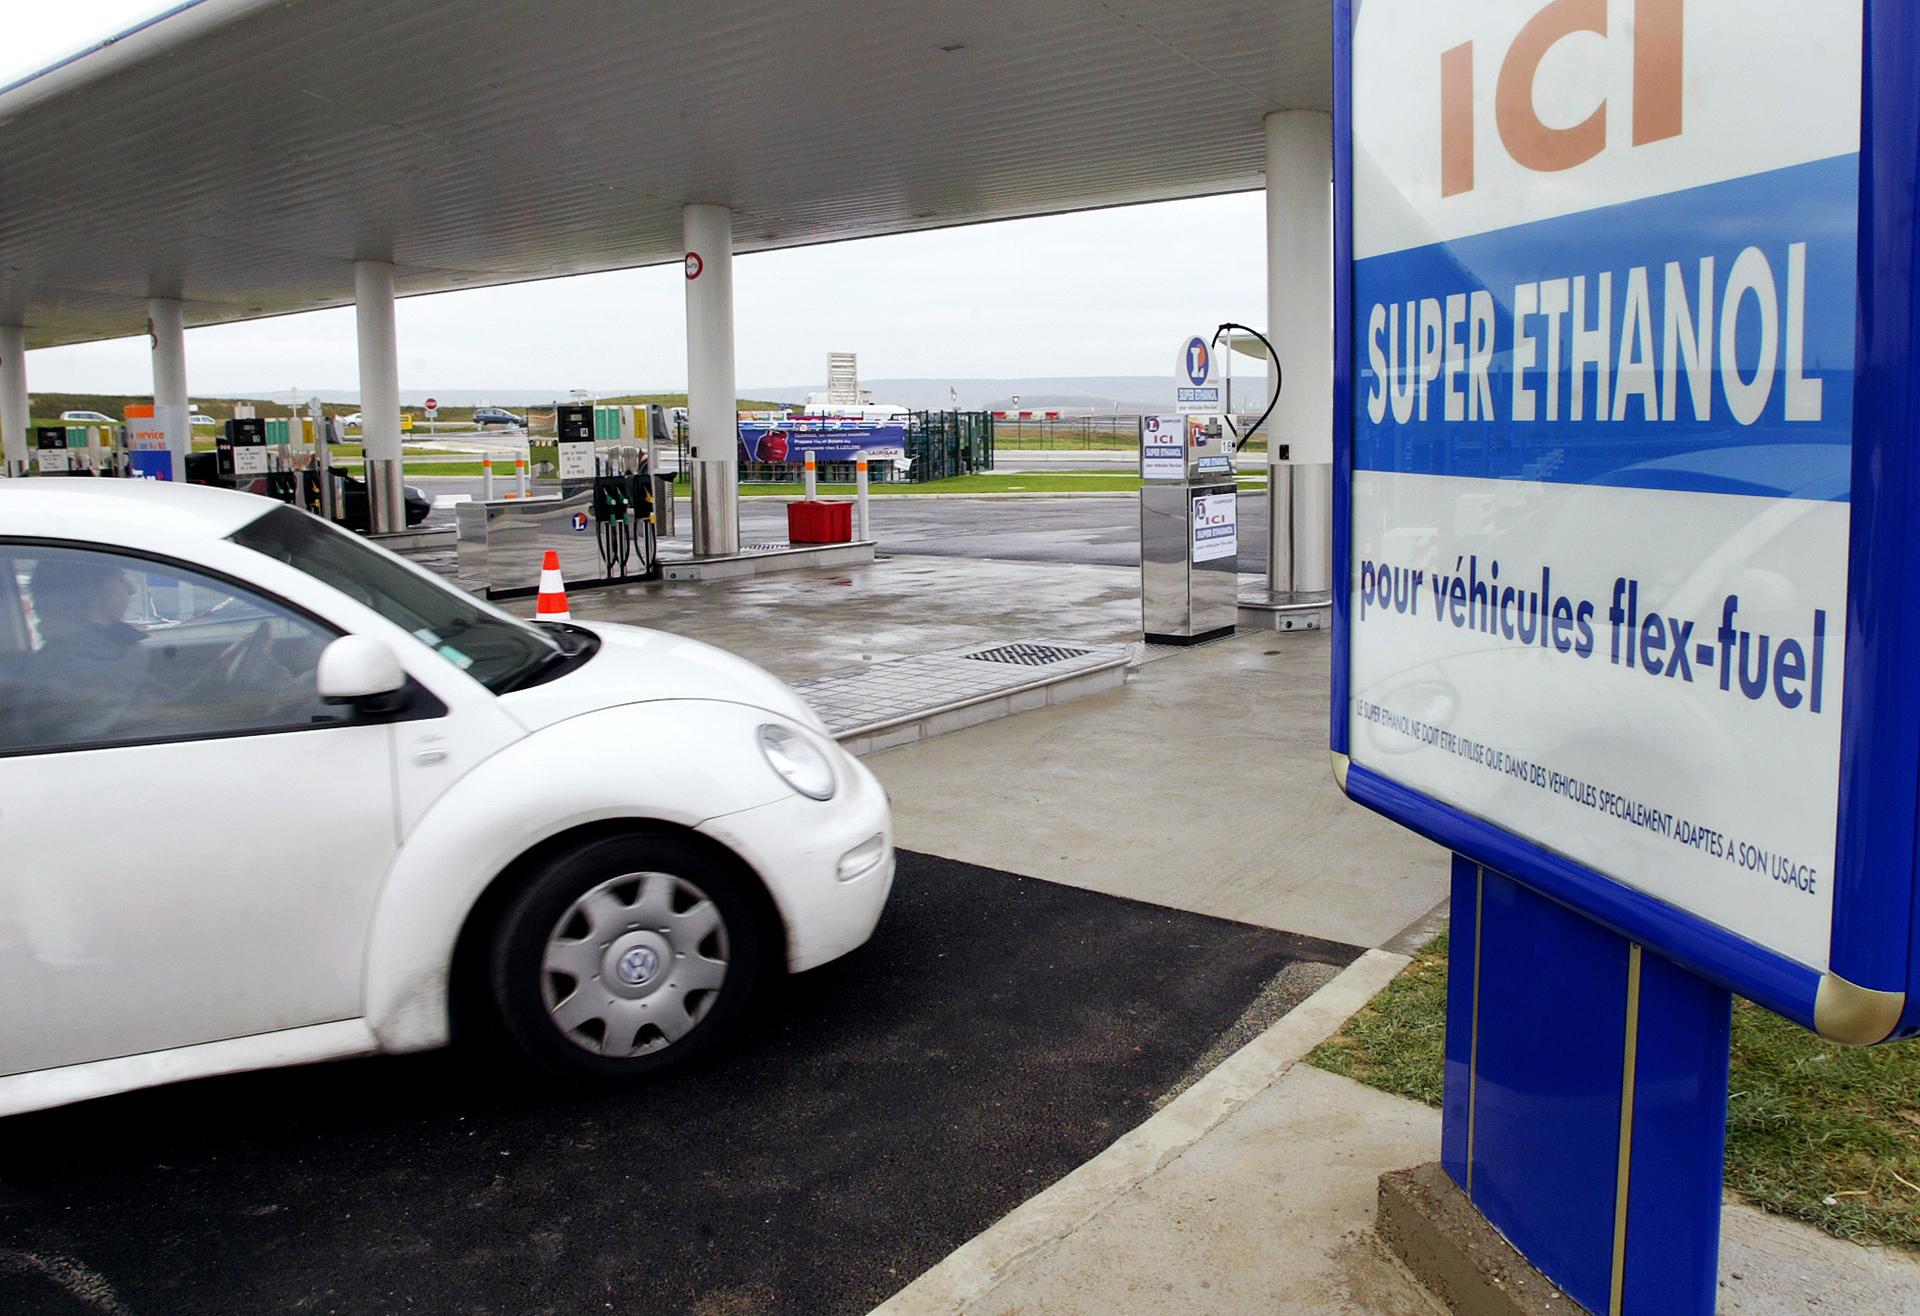 France :Le superéthanol, le carburant qui ne connaît pas la crise